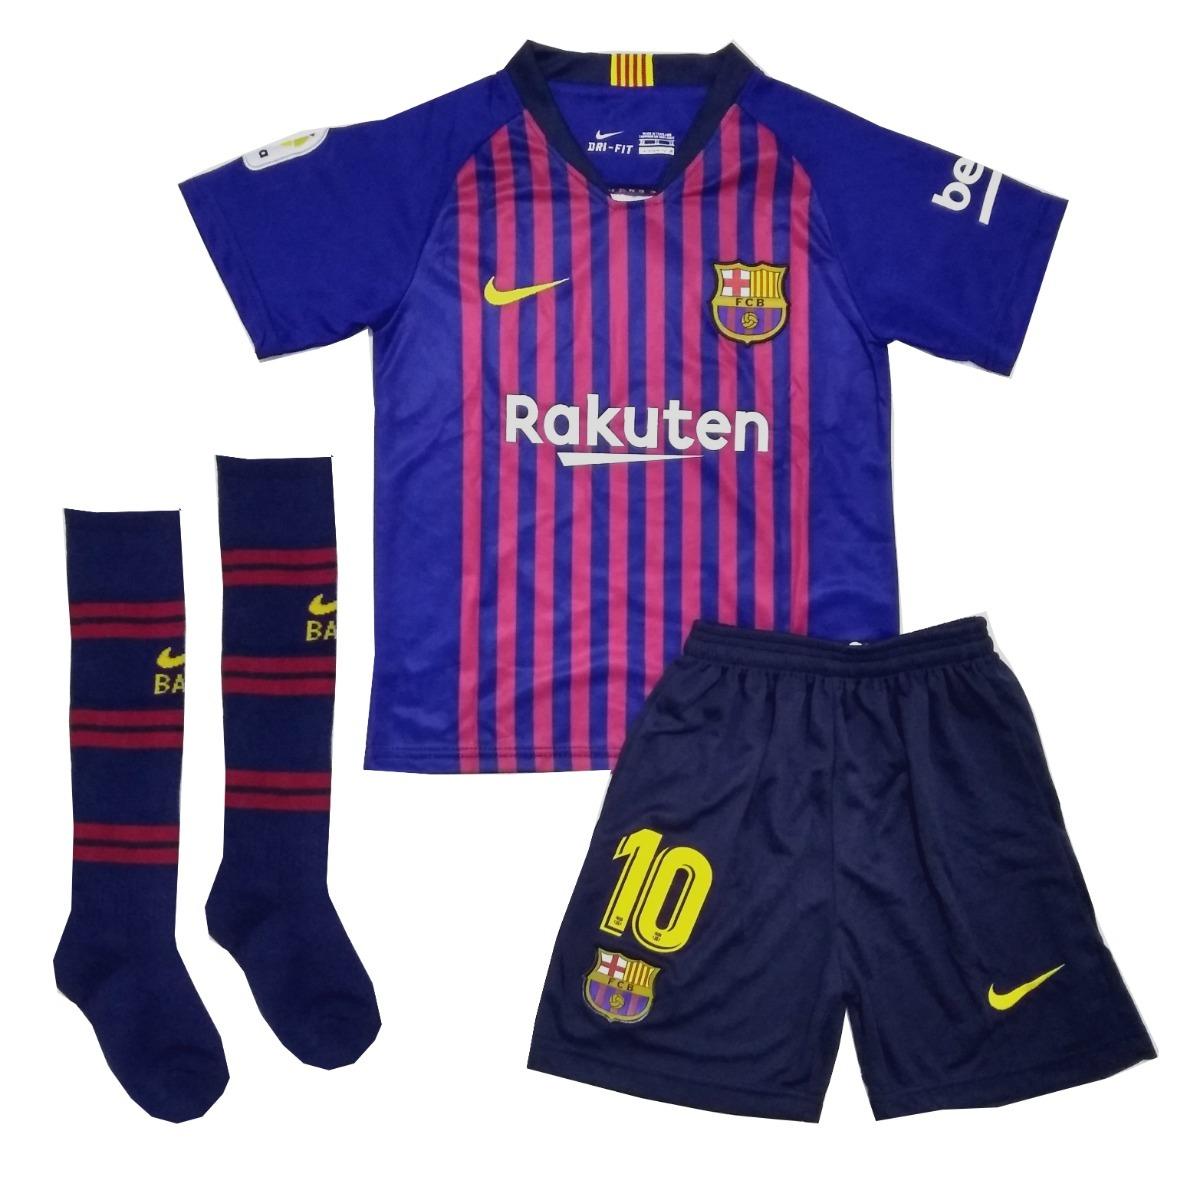 kit infantil barcelona 2018 2019 messi pronta entrega. Carregando zoom. 786f883518684